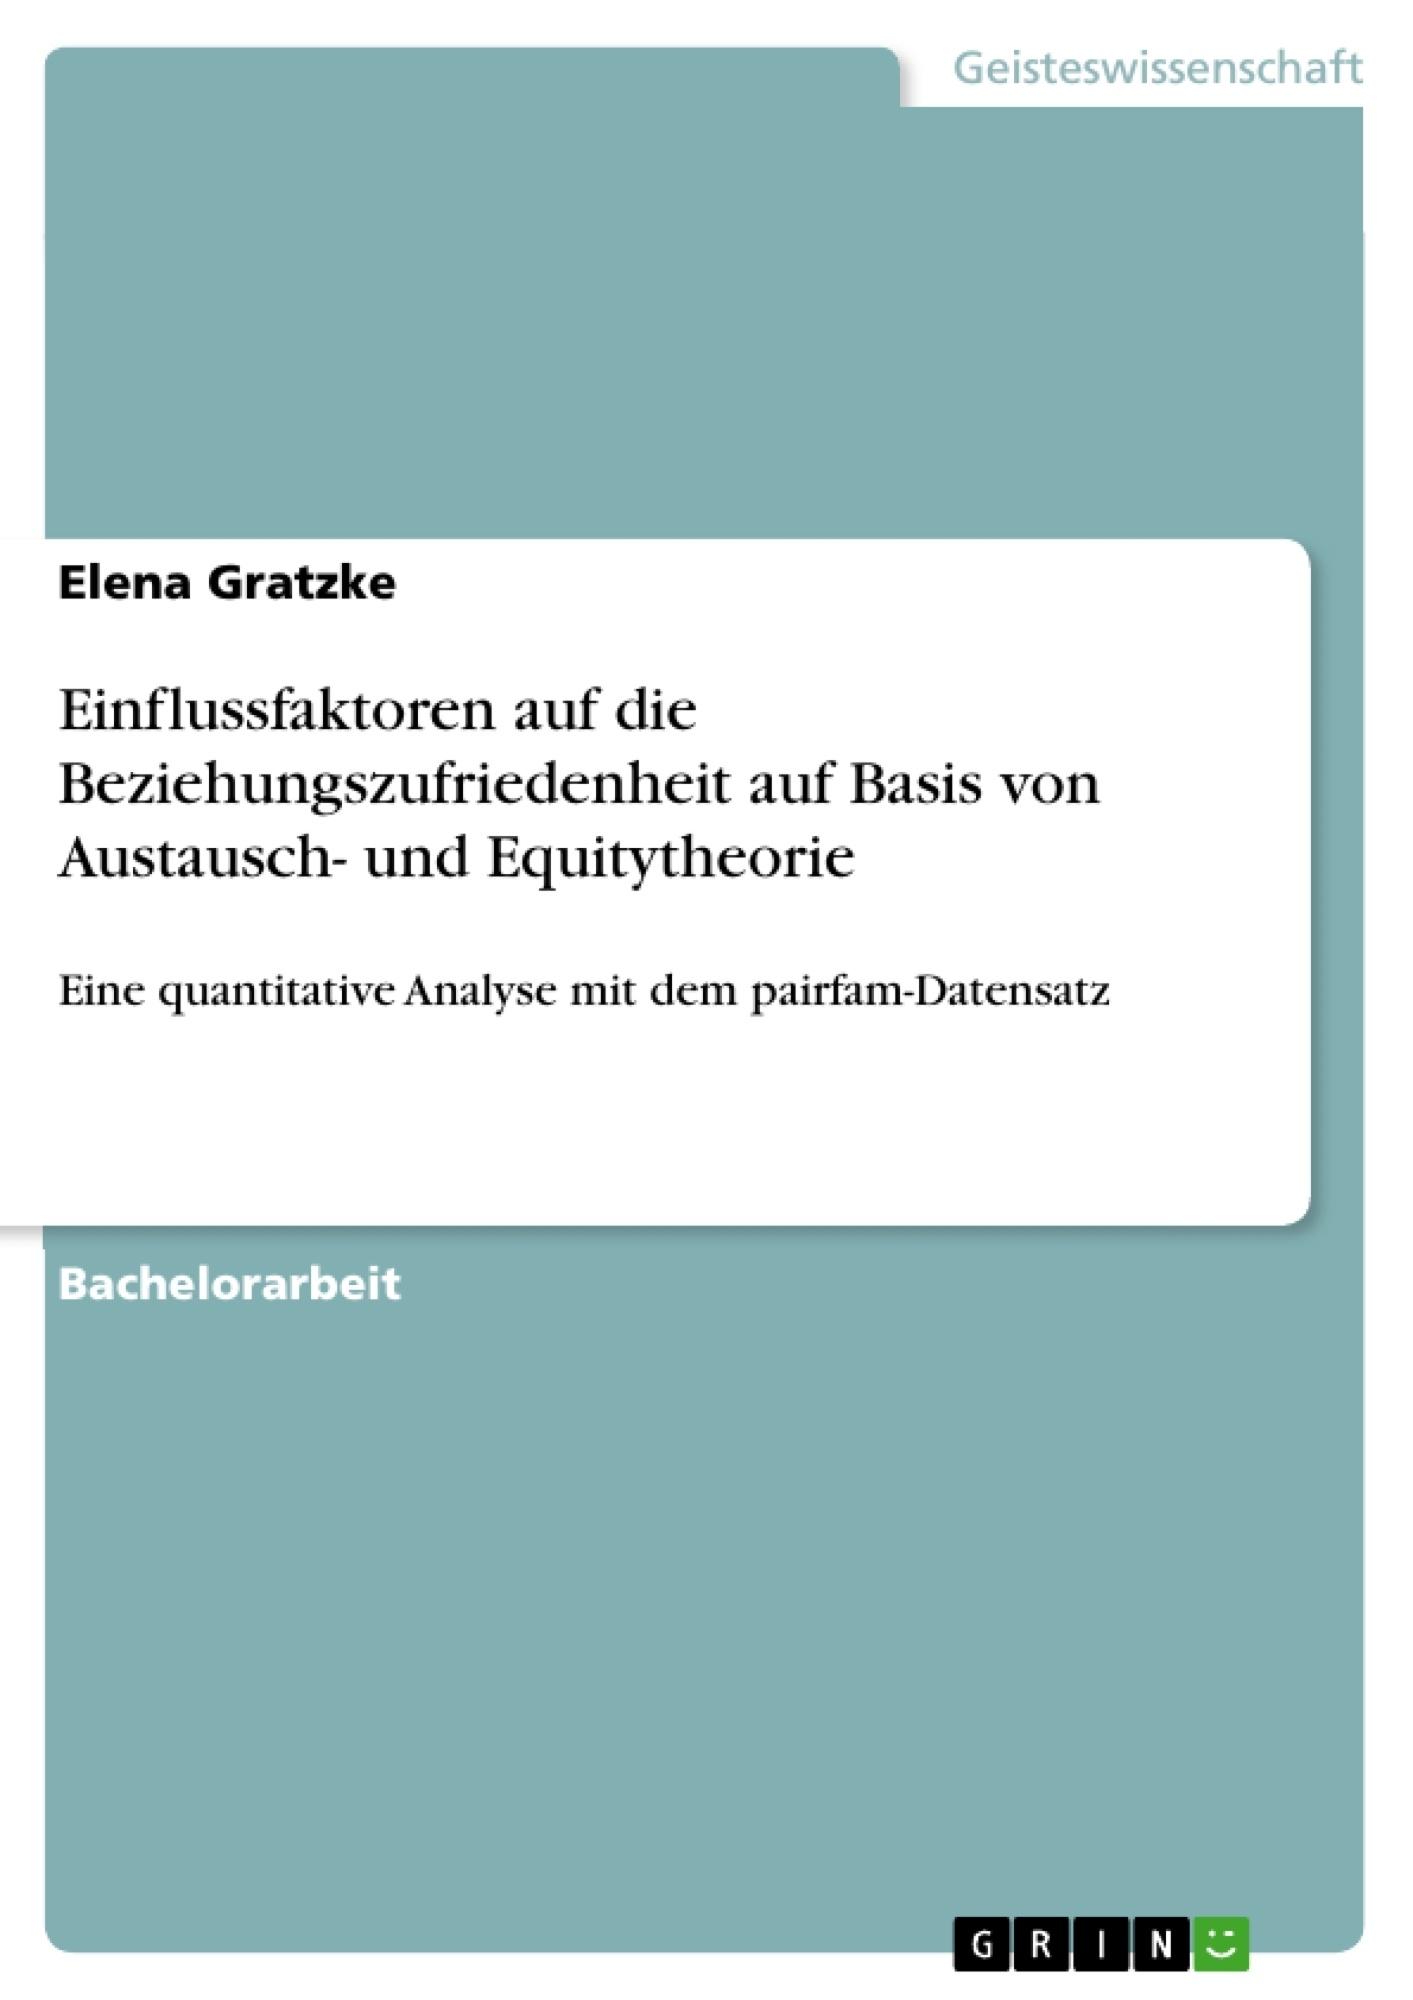 Titel: Einflussfaktoren auf die Beziehungszufriedenheit auf Basis von Austausch- und Equitytheorie